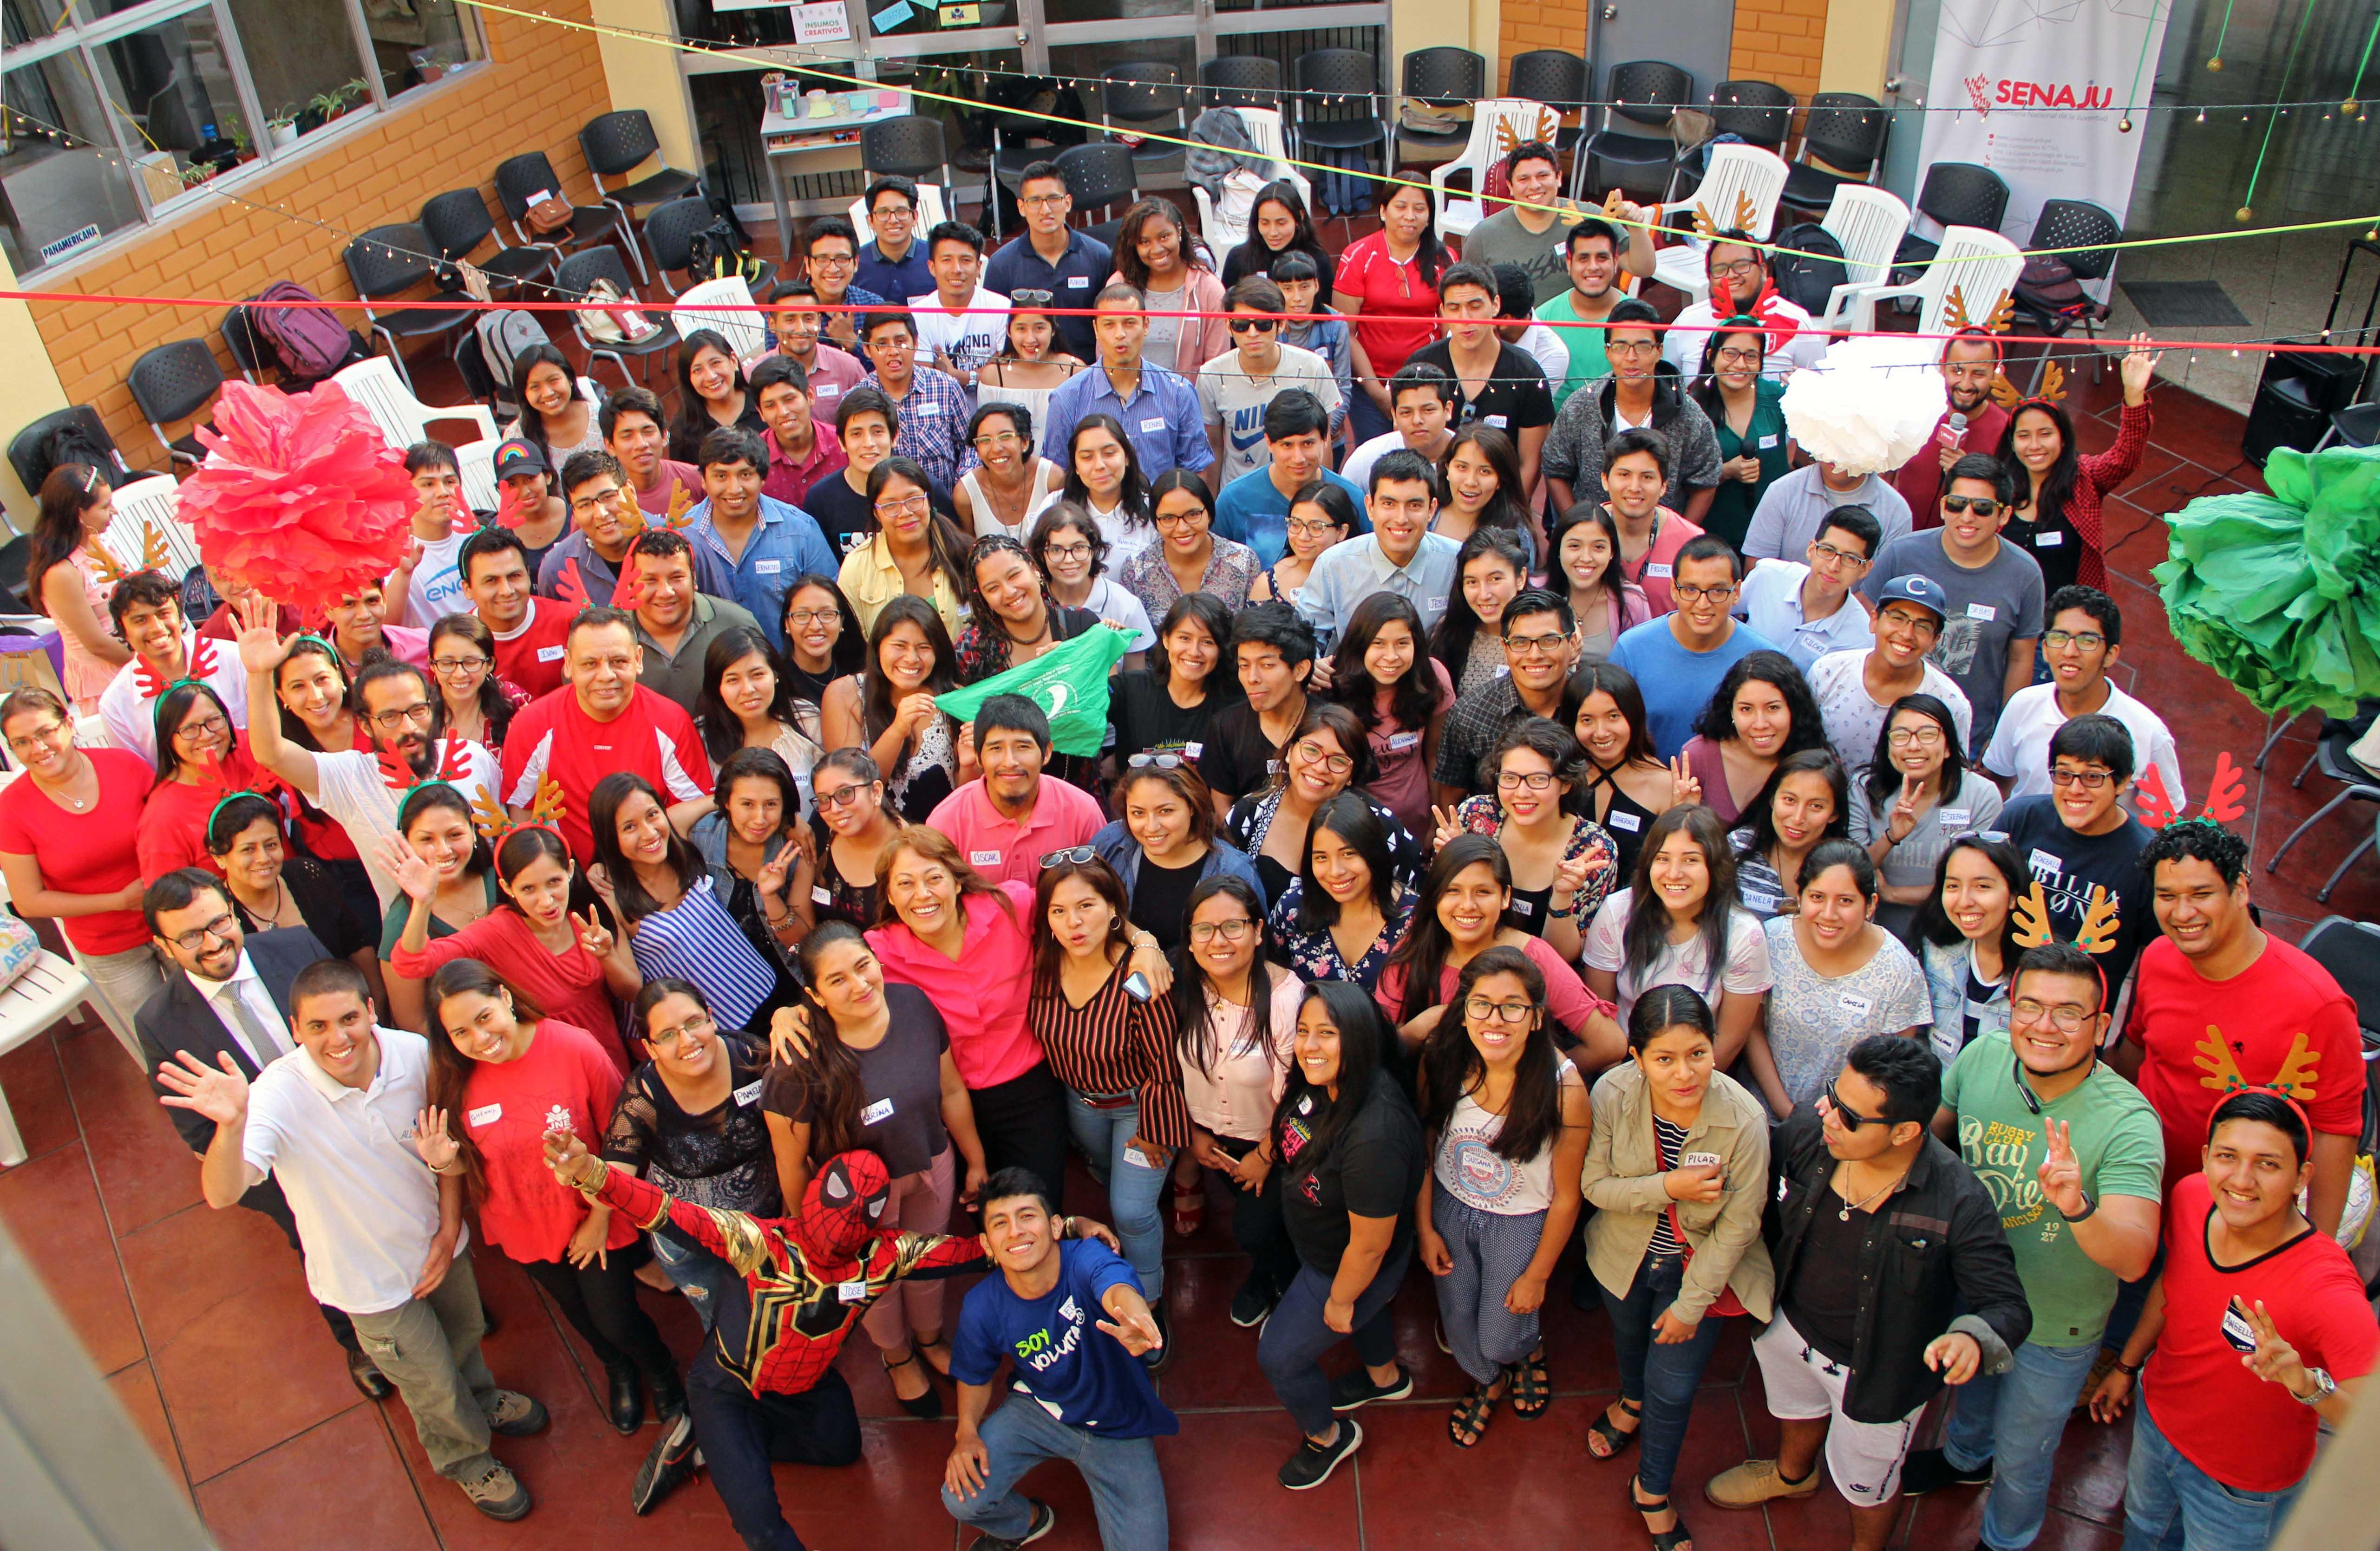 Agenda Reto Joven 2021 promoverá bienestar de la juventud